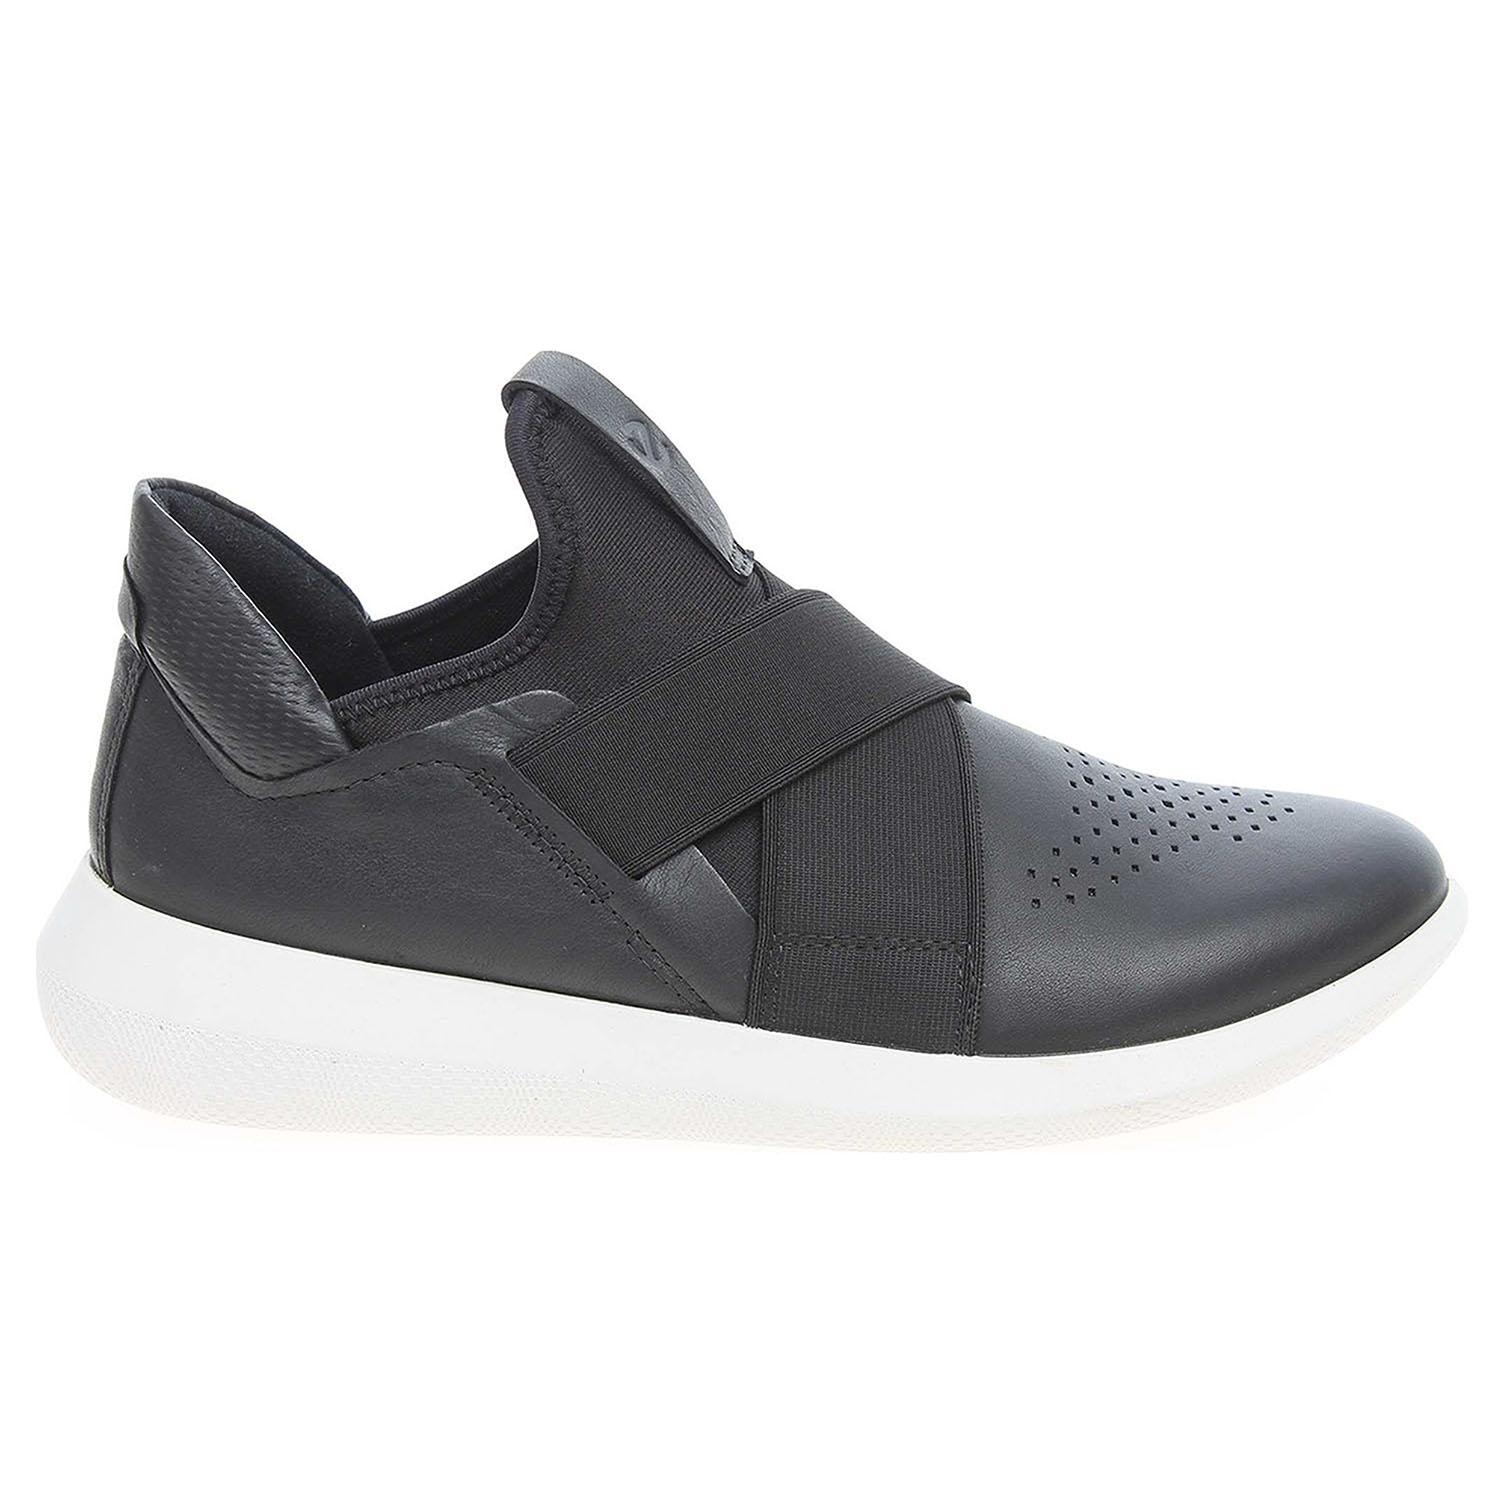 Ecco Scinapse dámská obuv 45054351052 black-black 45054351052 39